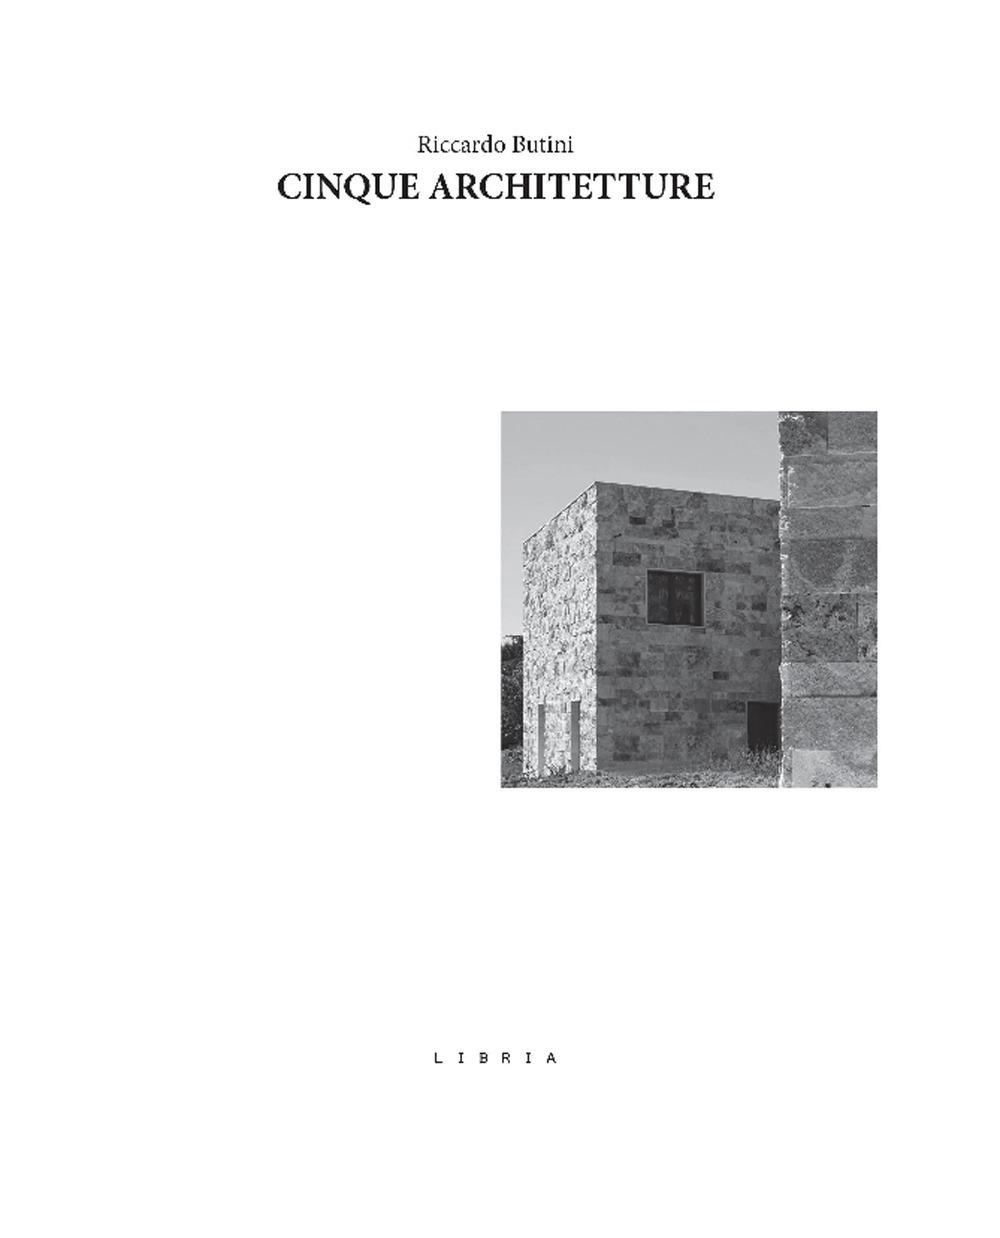 Image of Cinque architetture